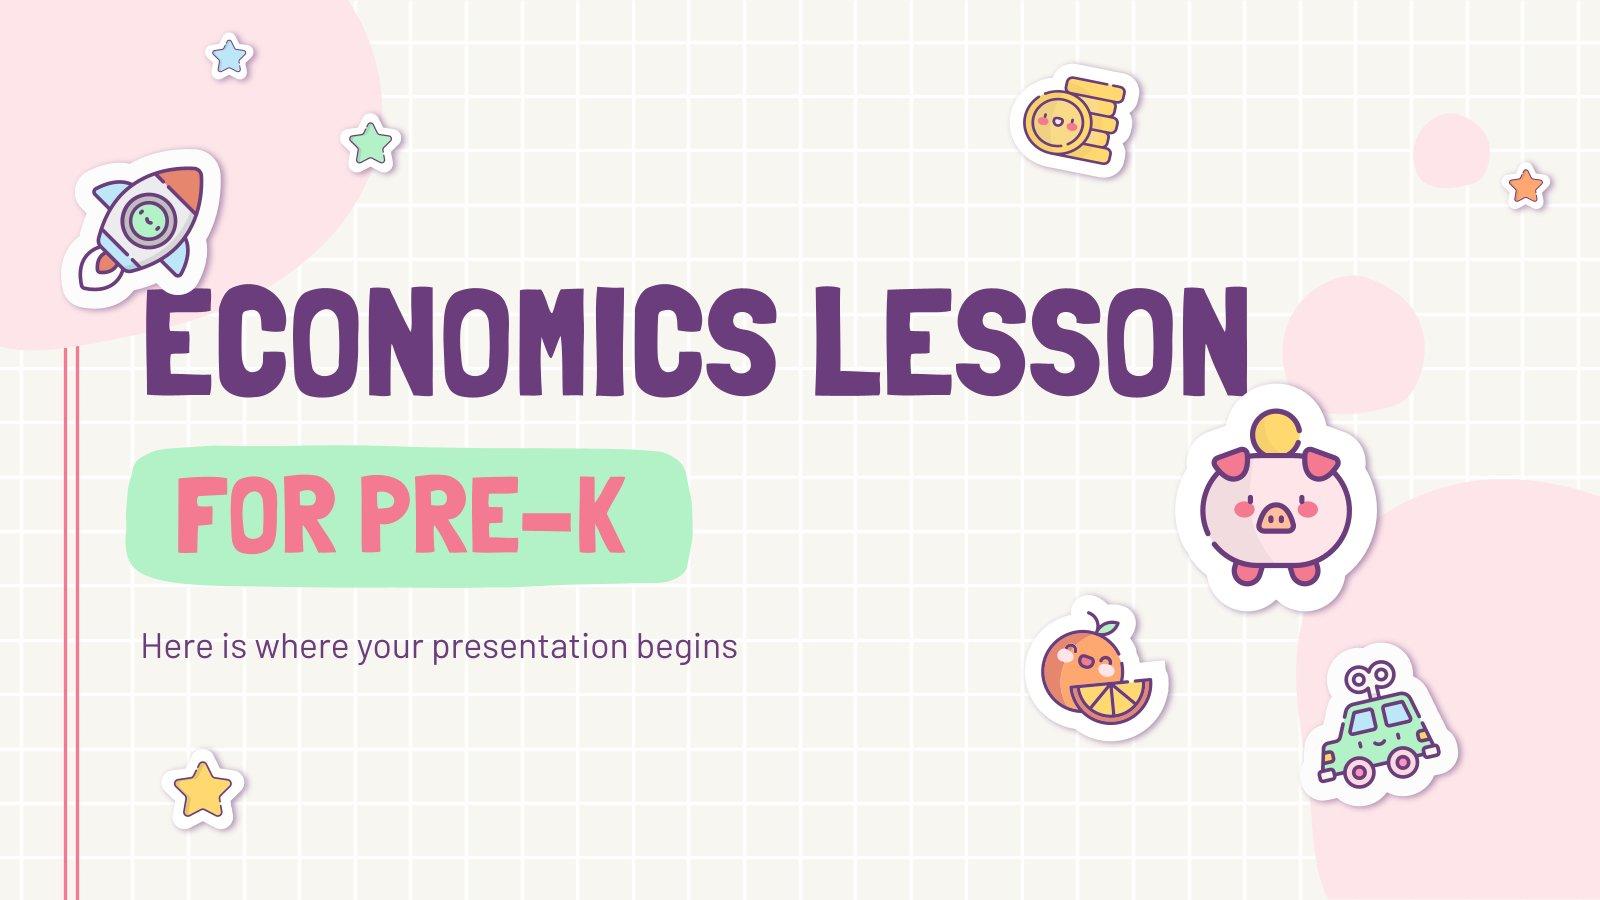 Economics Lesson for Pre-K presentation template